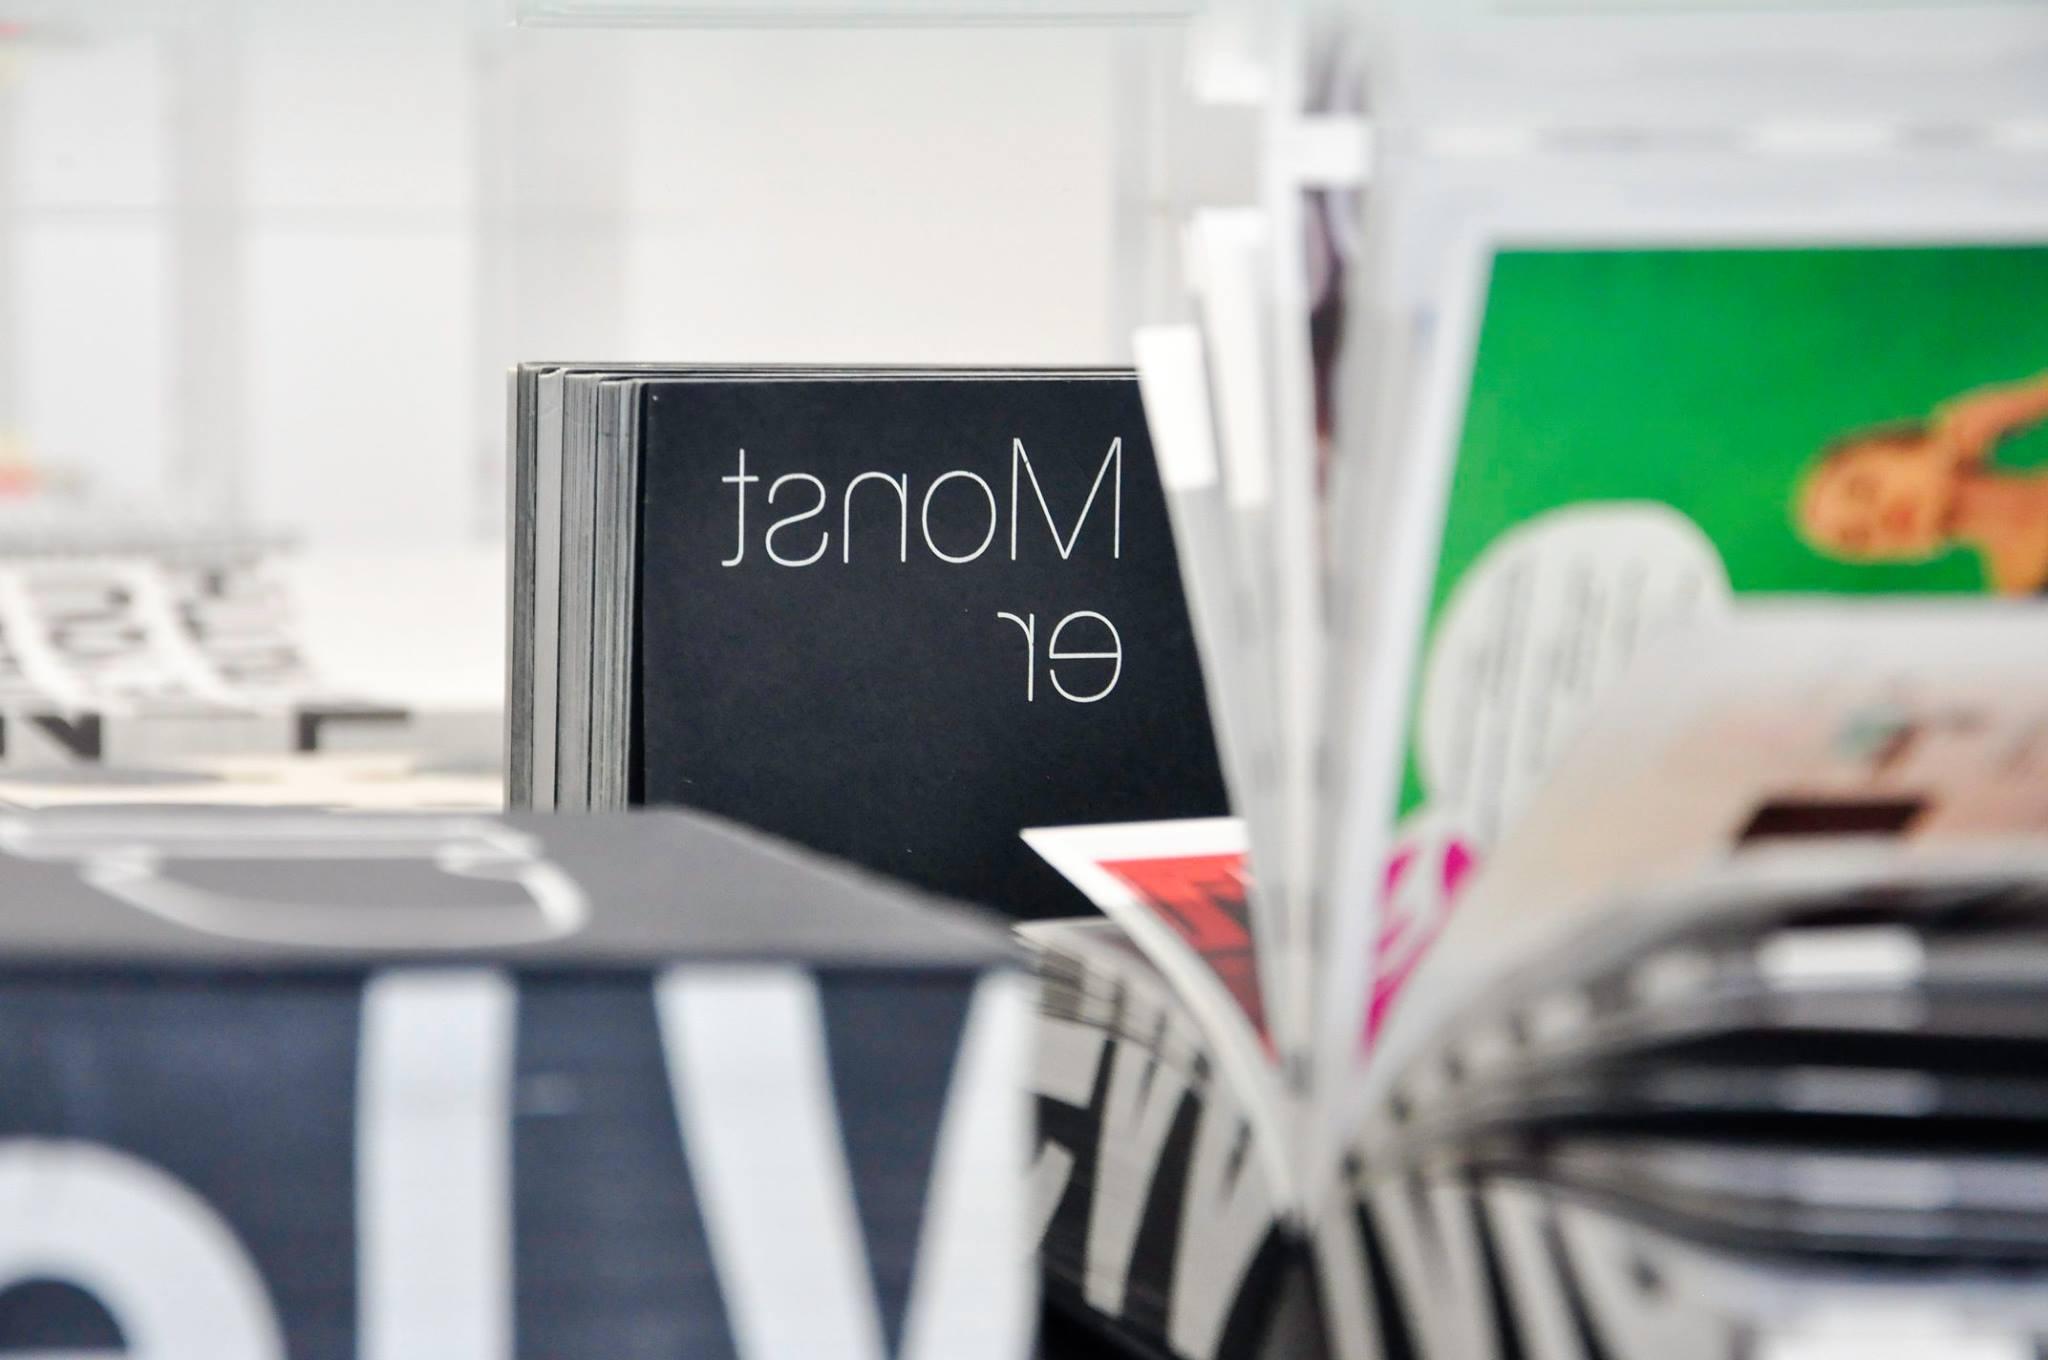 書不是平面,而是物體的呈現──重讀荷蘭書籍設計師Irma Boom經典之作